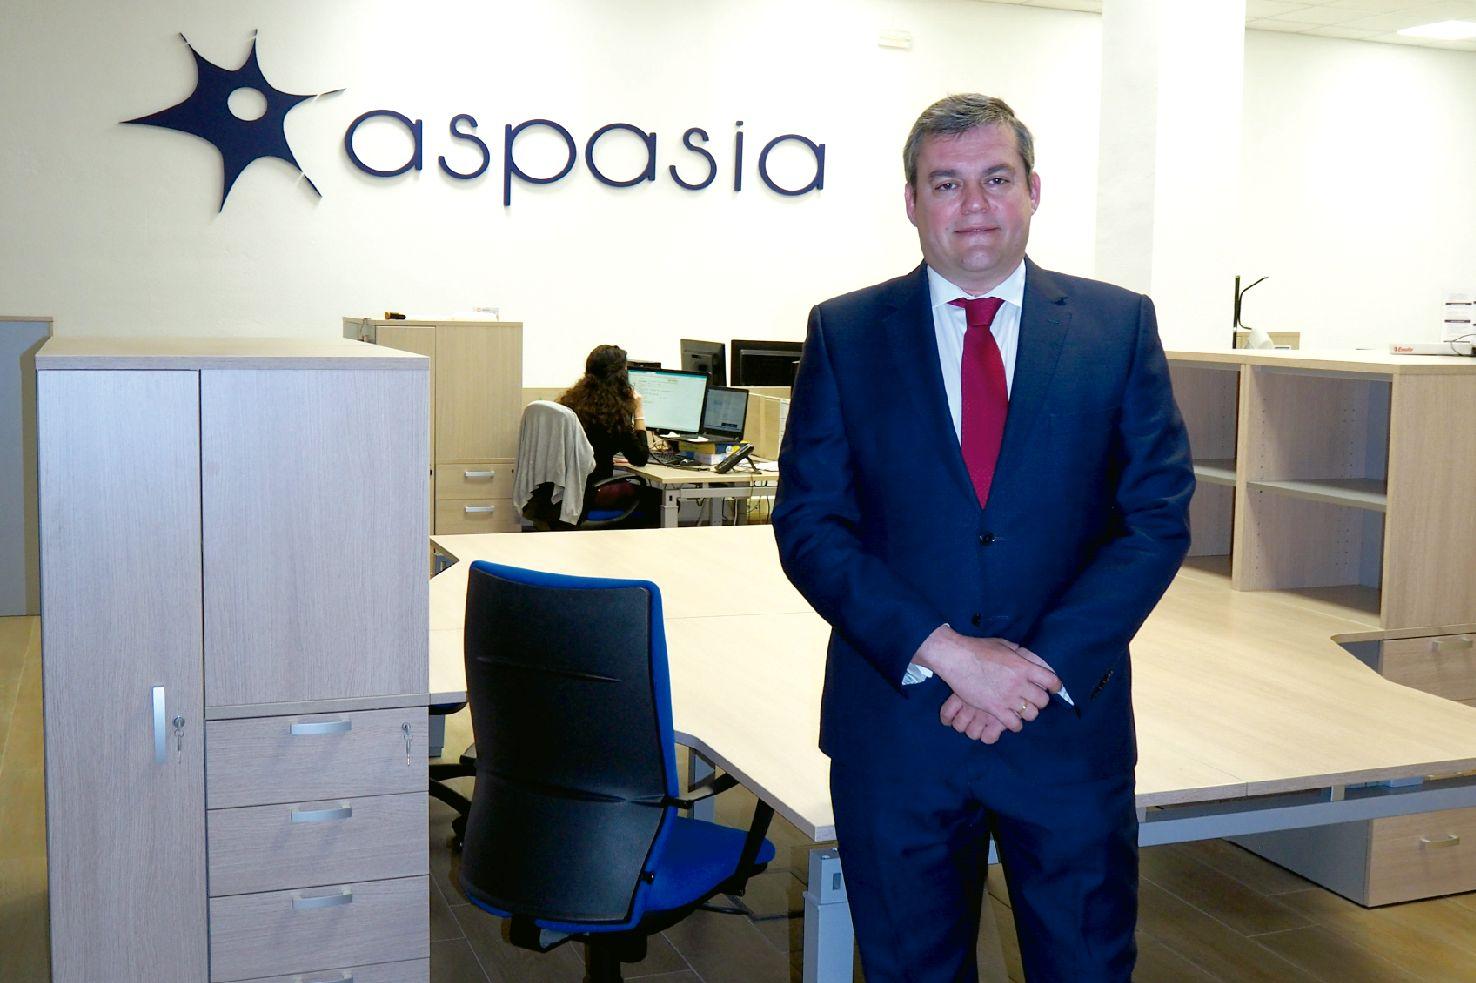 Lorenzo Alonso Nistal, director general del Grupo Aspasia, formación, trabajo.